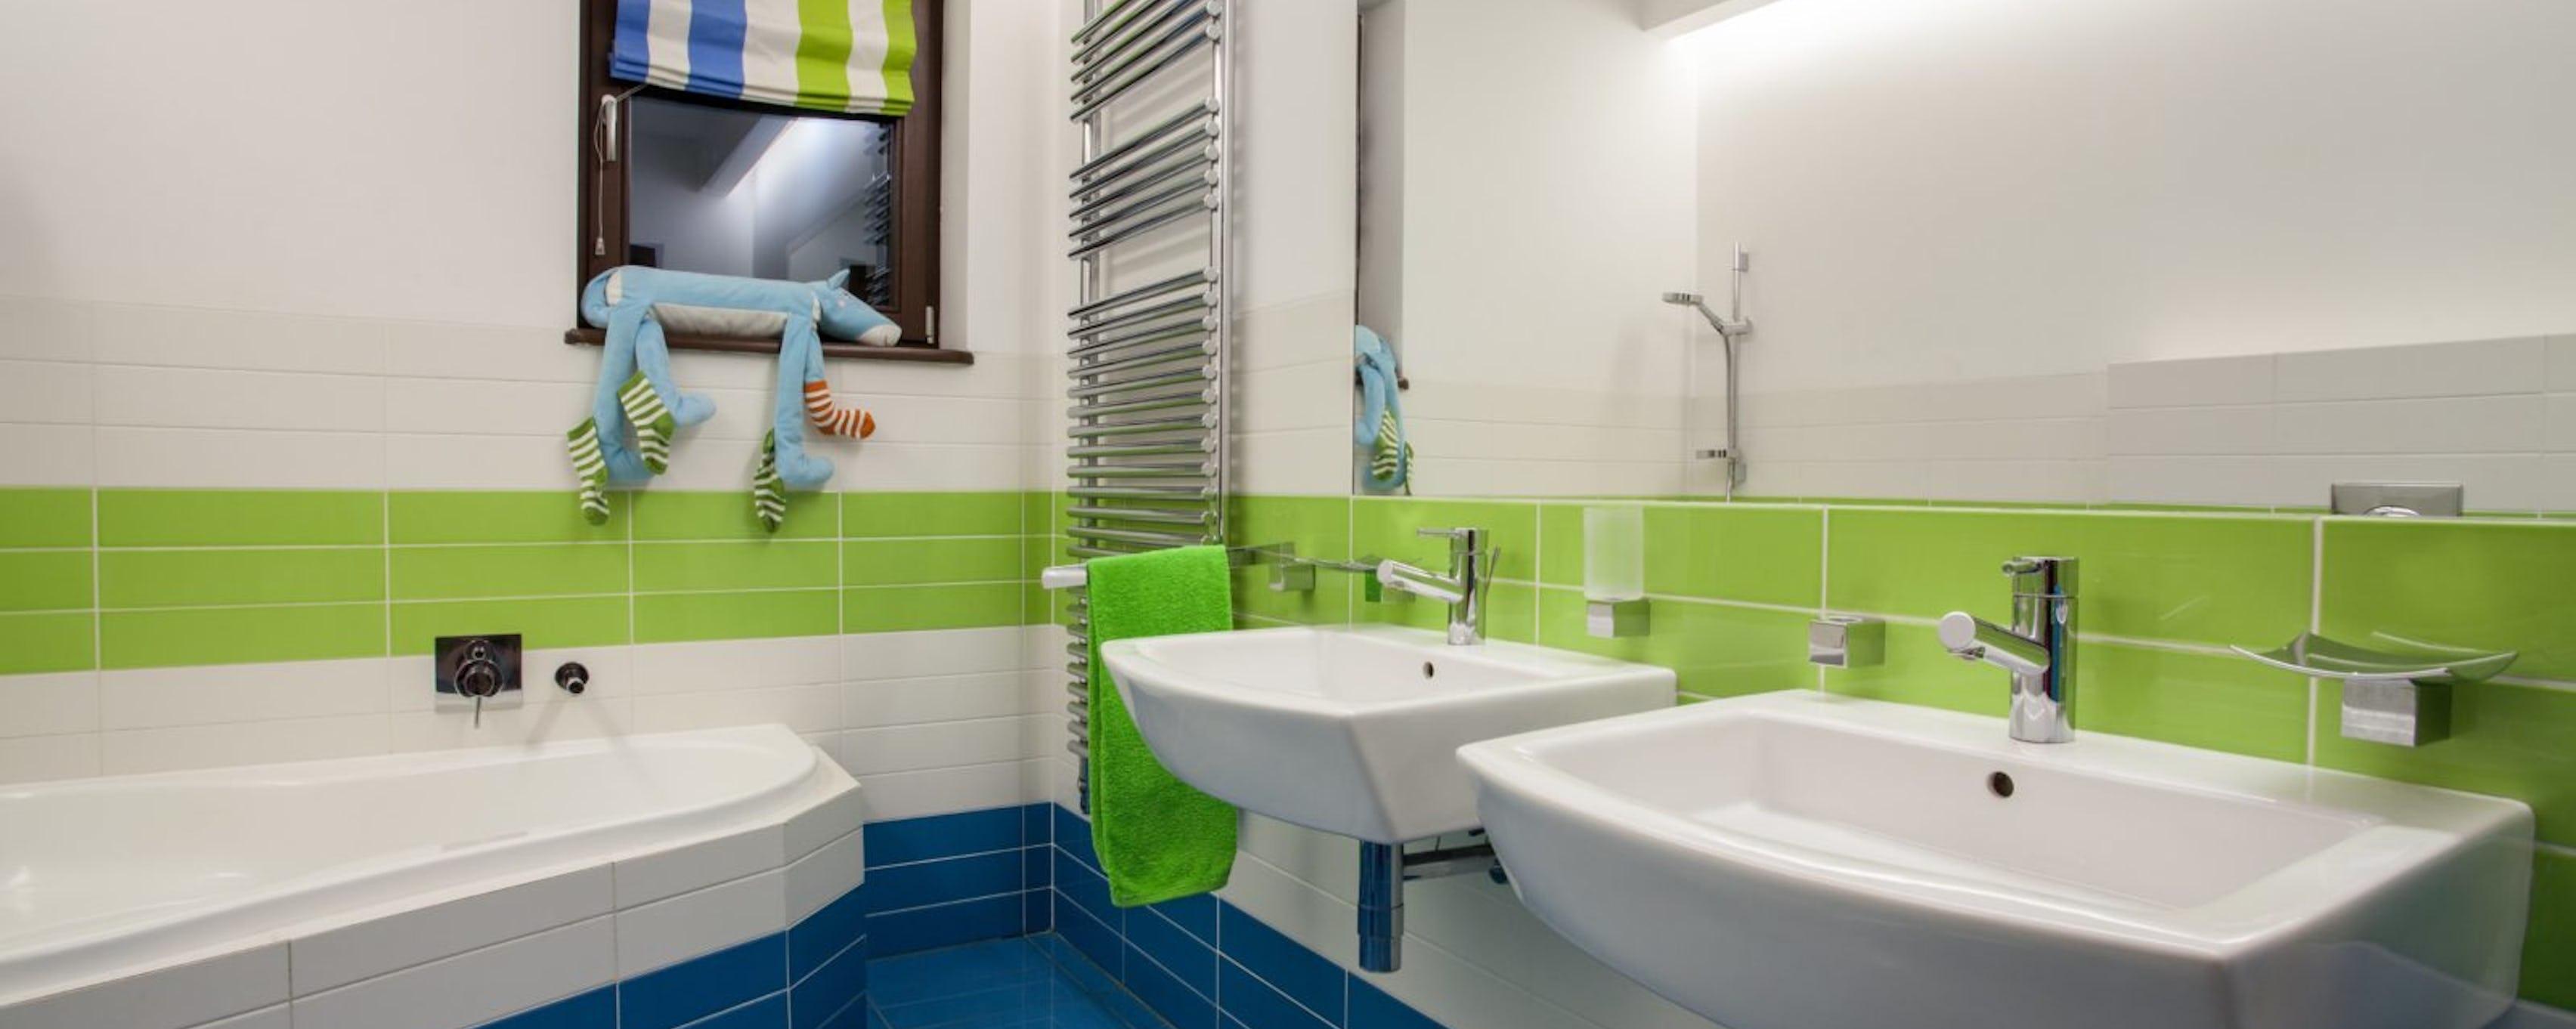 Salle De Bain Famille aménagement de salle de bain : comment aménager sa salle de bain